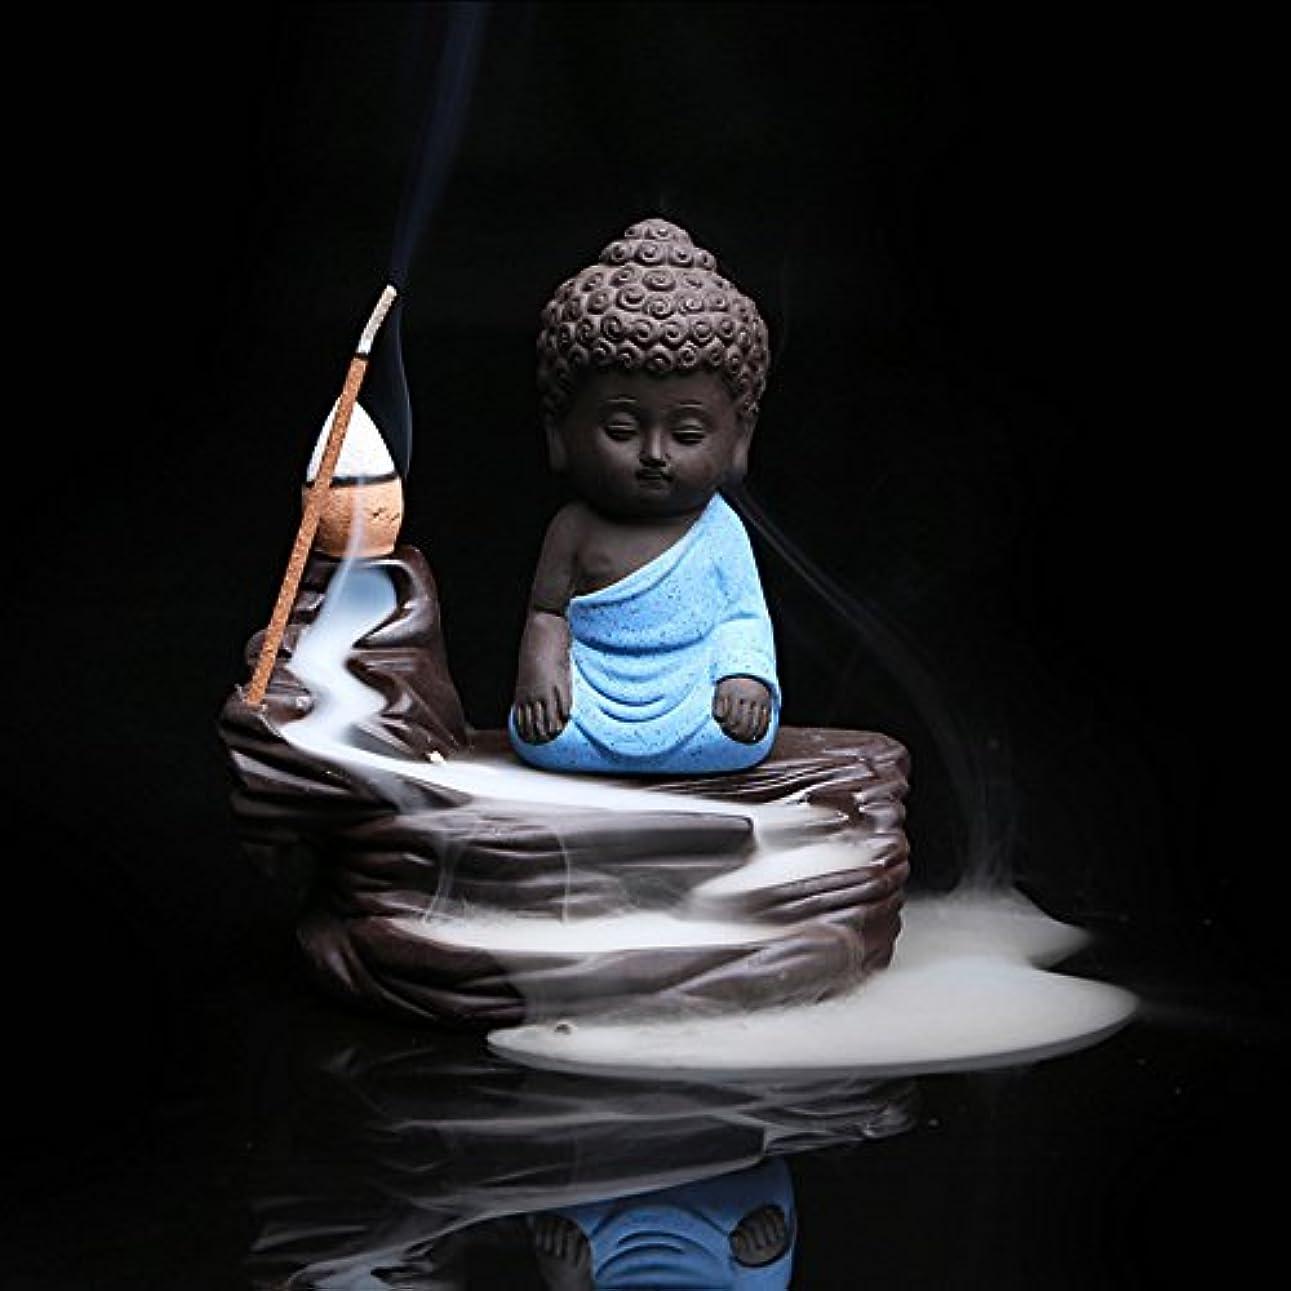 失われた骨債権者Zehuiホームデコレーションクリエイティブ逆流香炉コーンスティックホルダーSmall Buddhaセラミック香炉ホーム装飾 ブルー mhy-ZJ1204-jj125